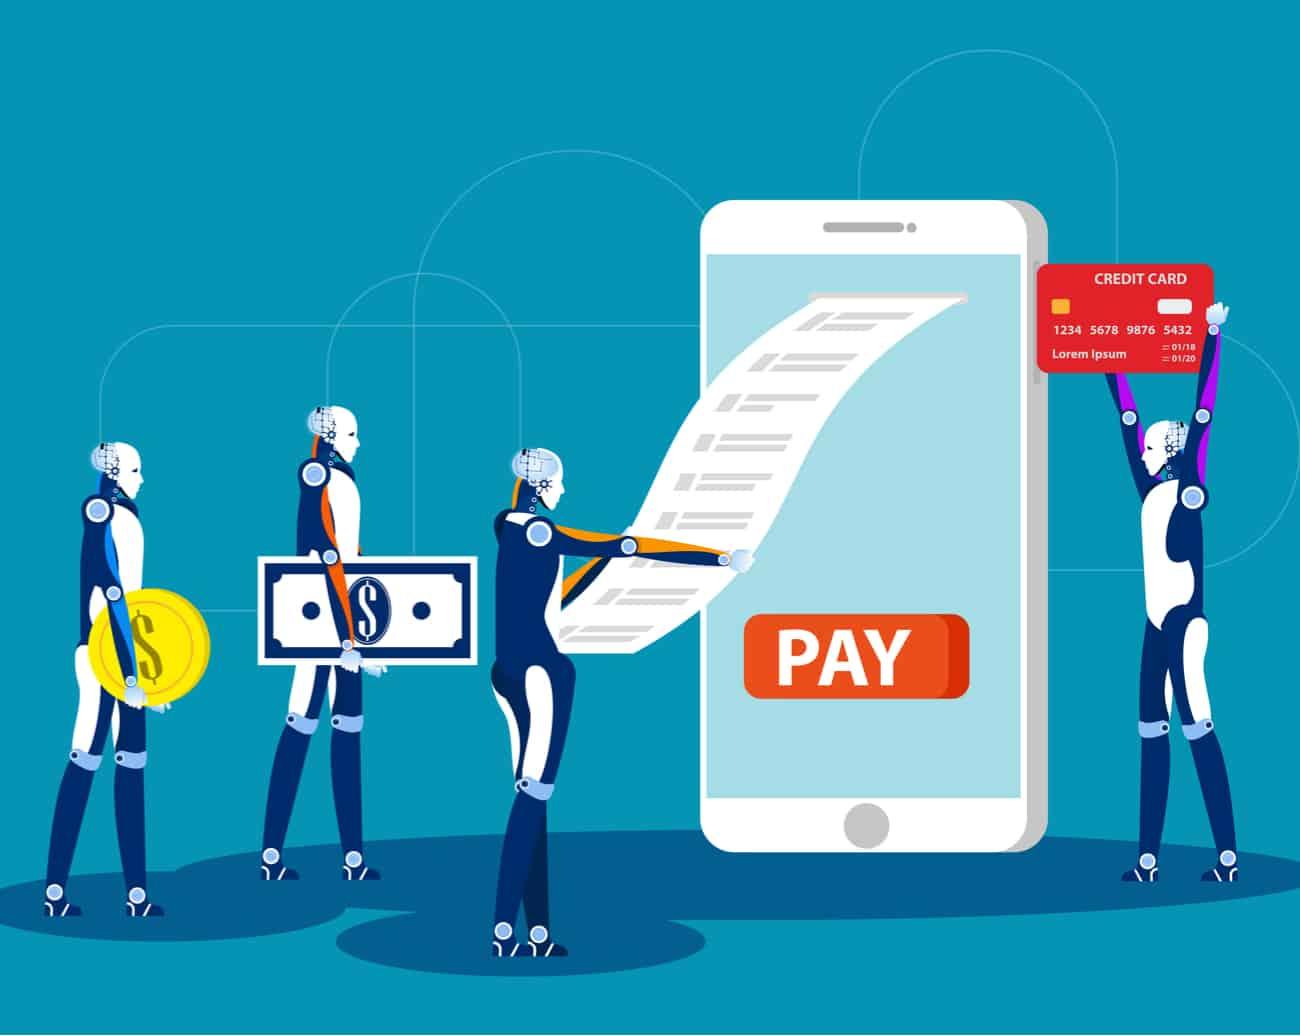 Trí tuệ nhân tạo AI đã làm thay đổi cách các Ngân hàng tương tác với khách  hàng như thế nào? - Vbee Blog